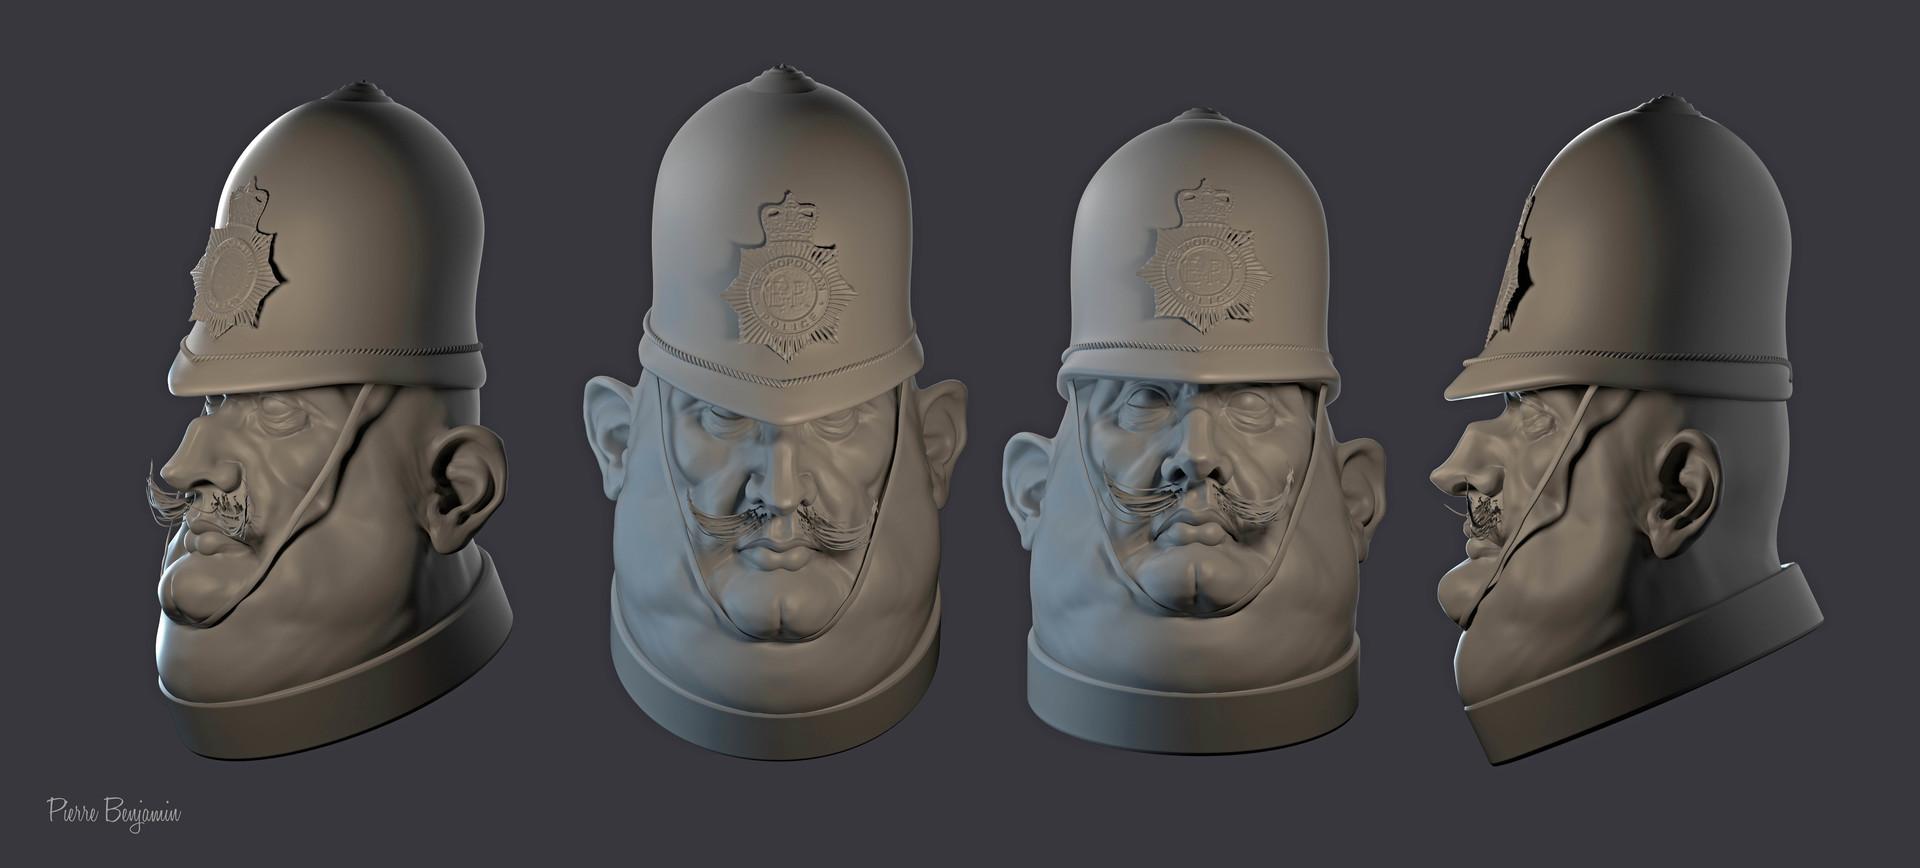 Pierre benjamin copper render from 00123456